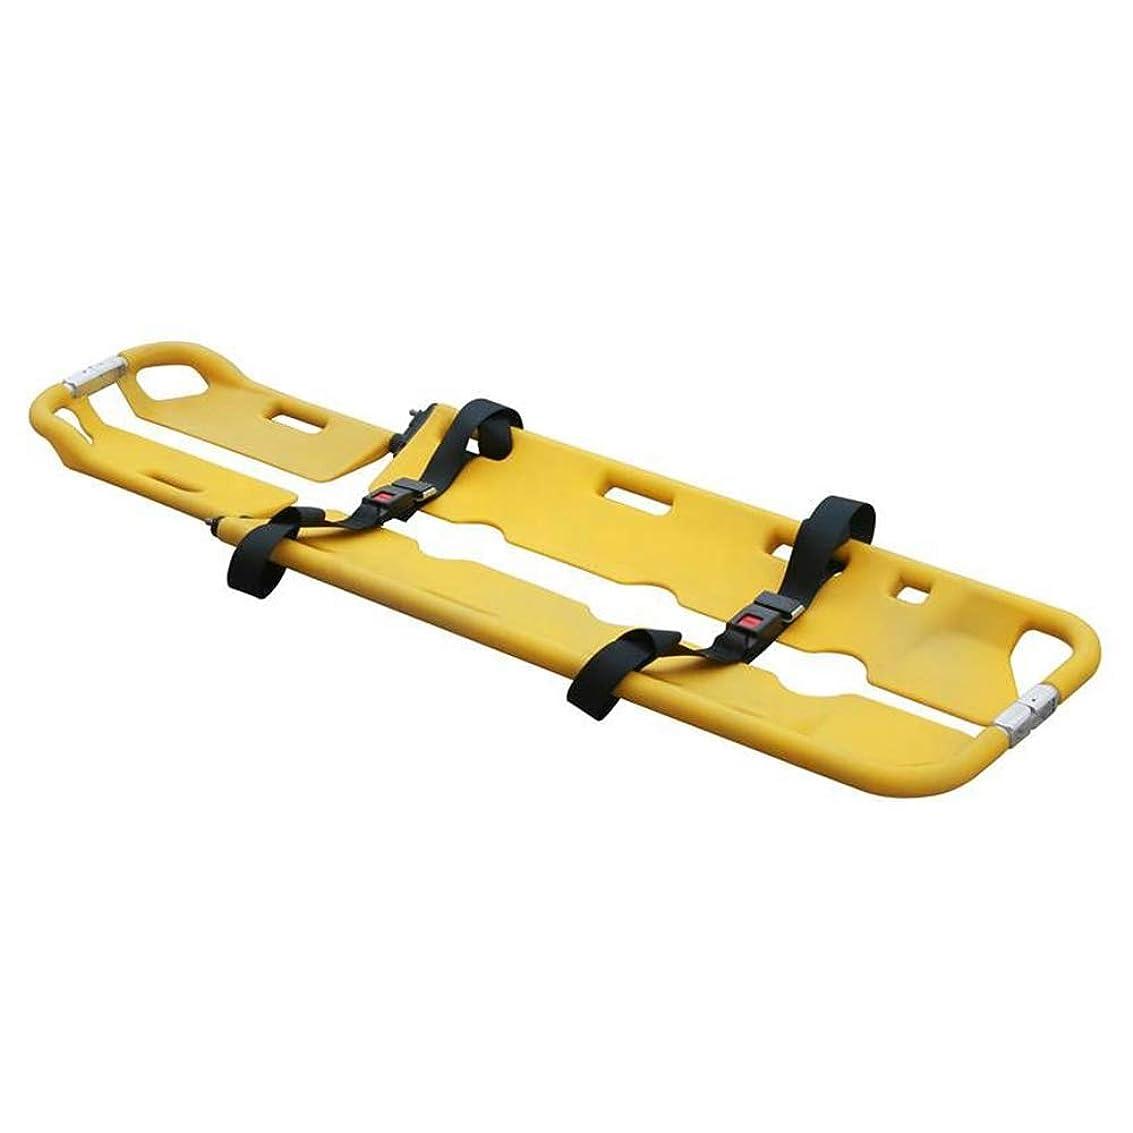 蒸留する怒り百年調節可能なスクープストレッチャー、転送患者のための折り畳み式PEプラスチック緊急スクープストレッチャー396.9ポンドの負荷容量